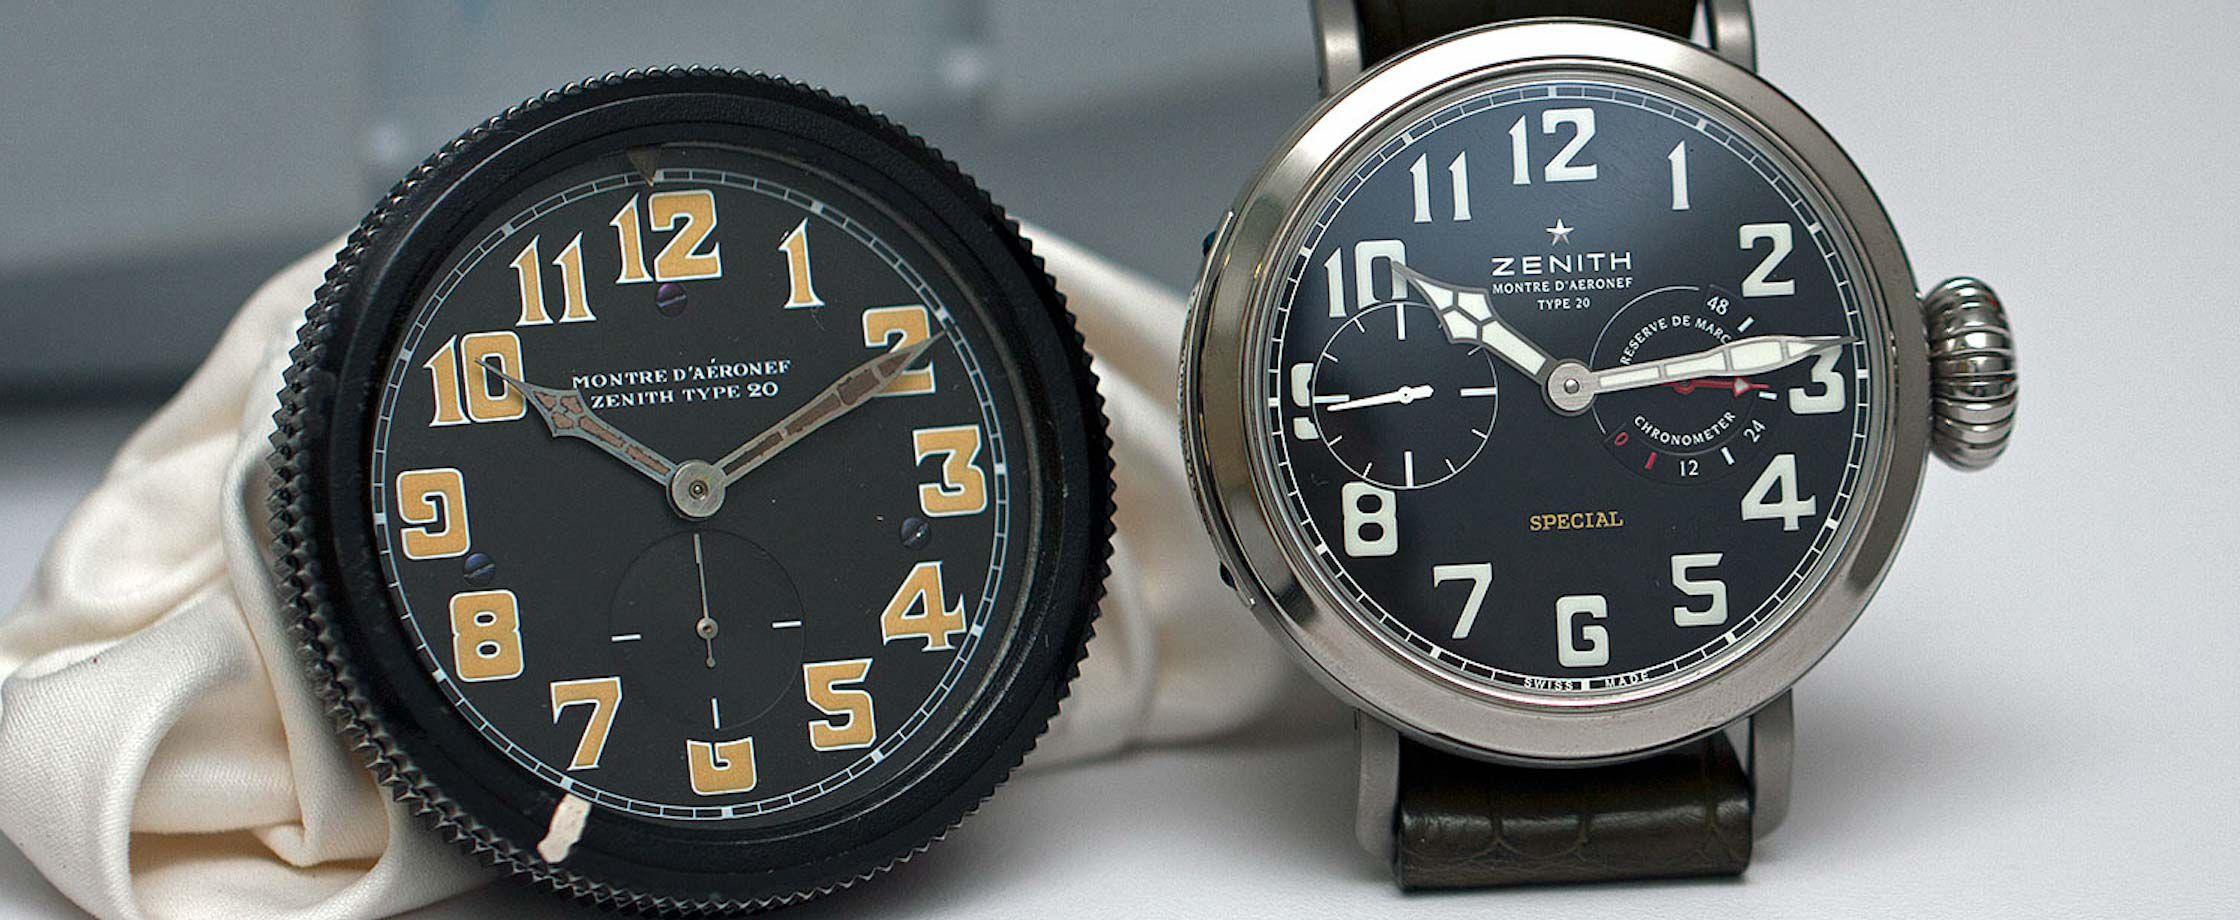 为什么飞行员手表中只有真力时印有PILOT字样?